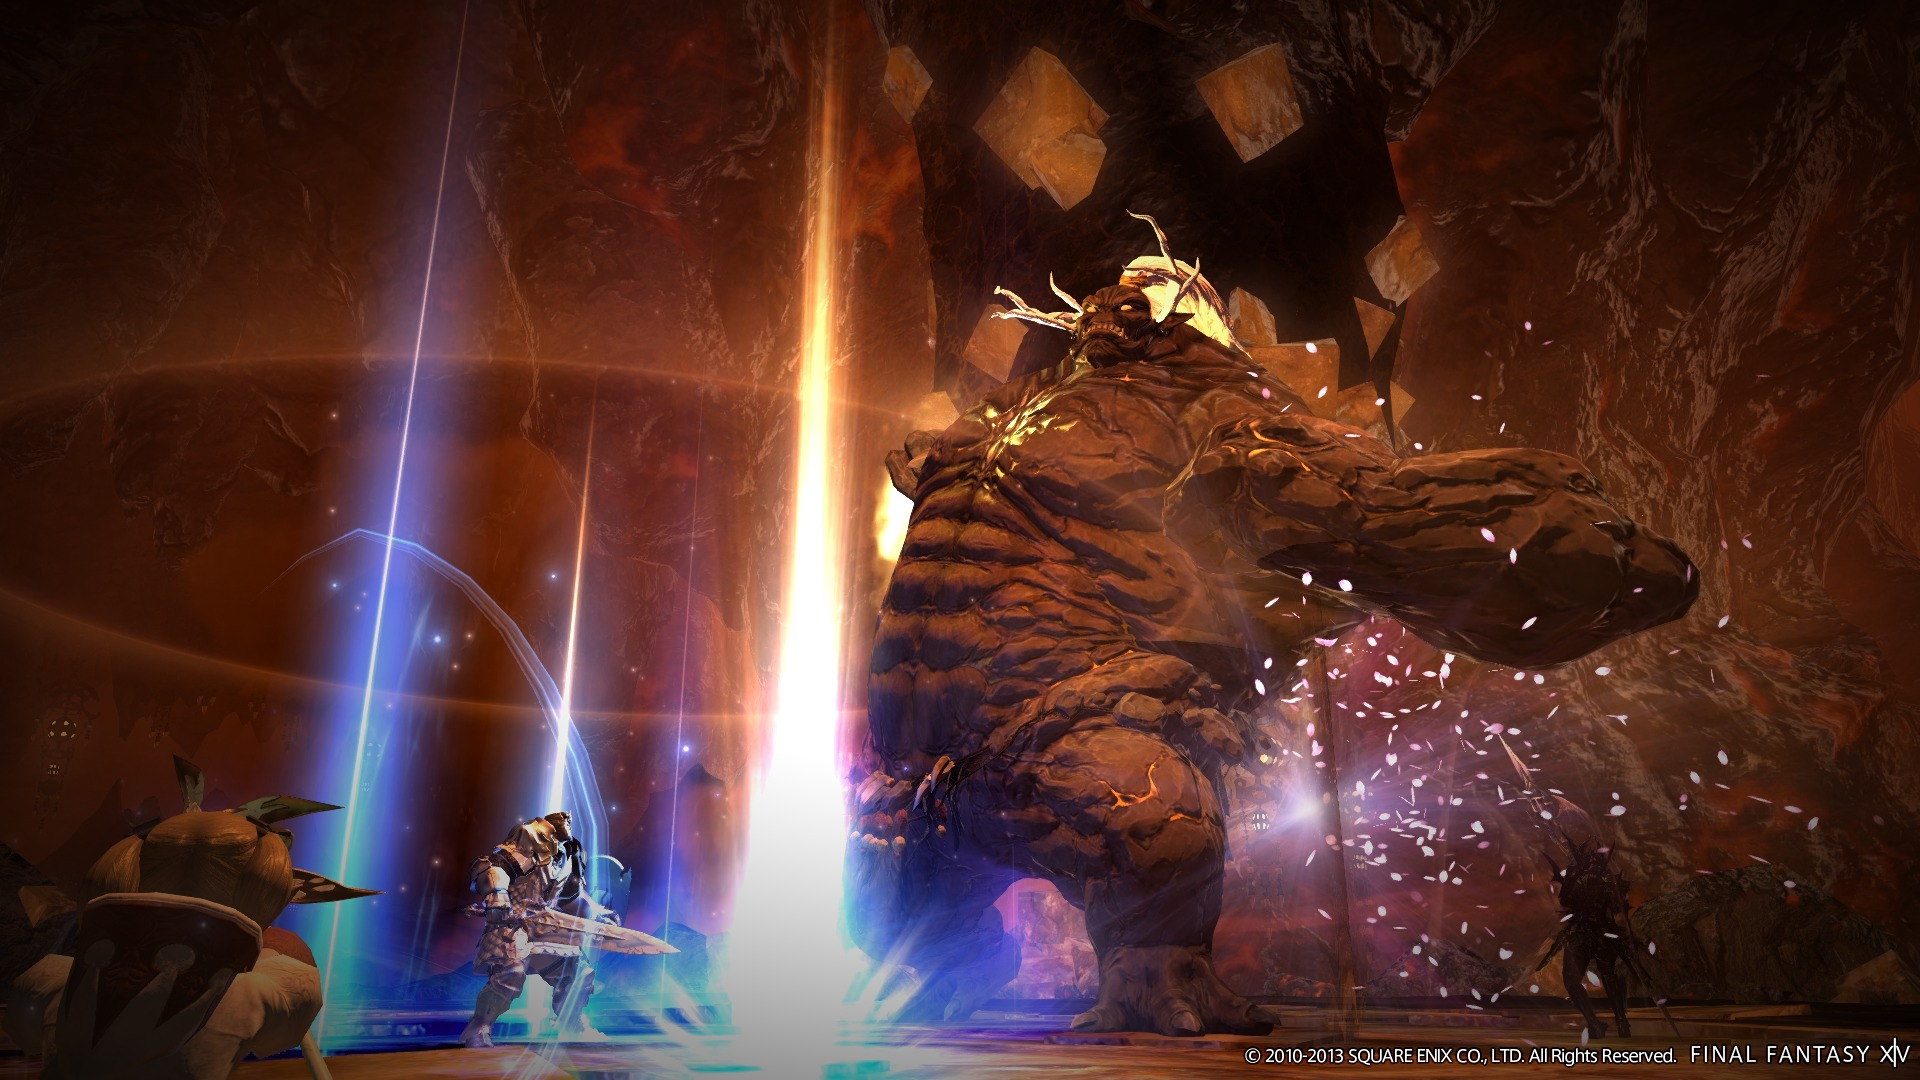 Final Fantasy XIV, addio al limite dei 14 giorni di prova